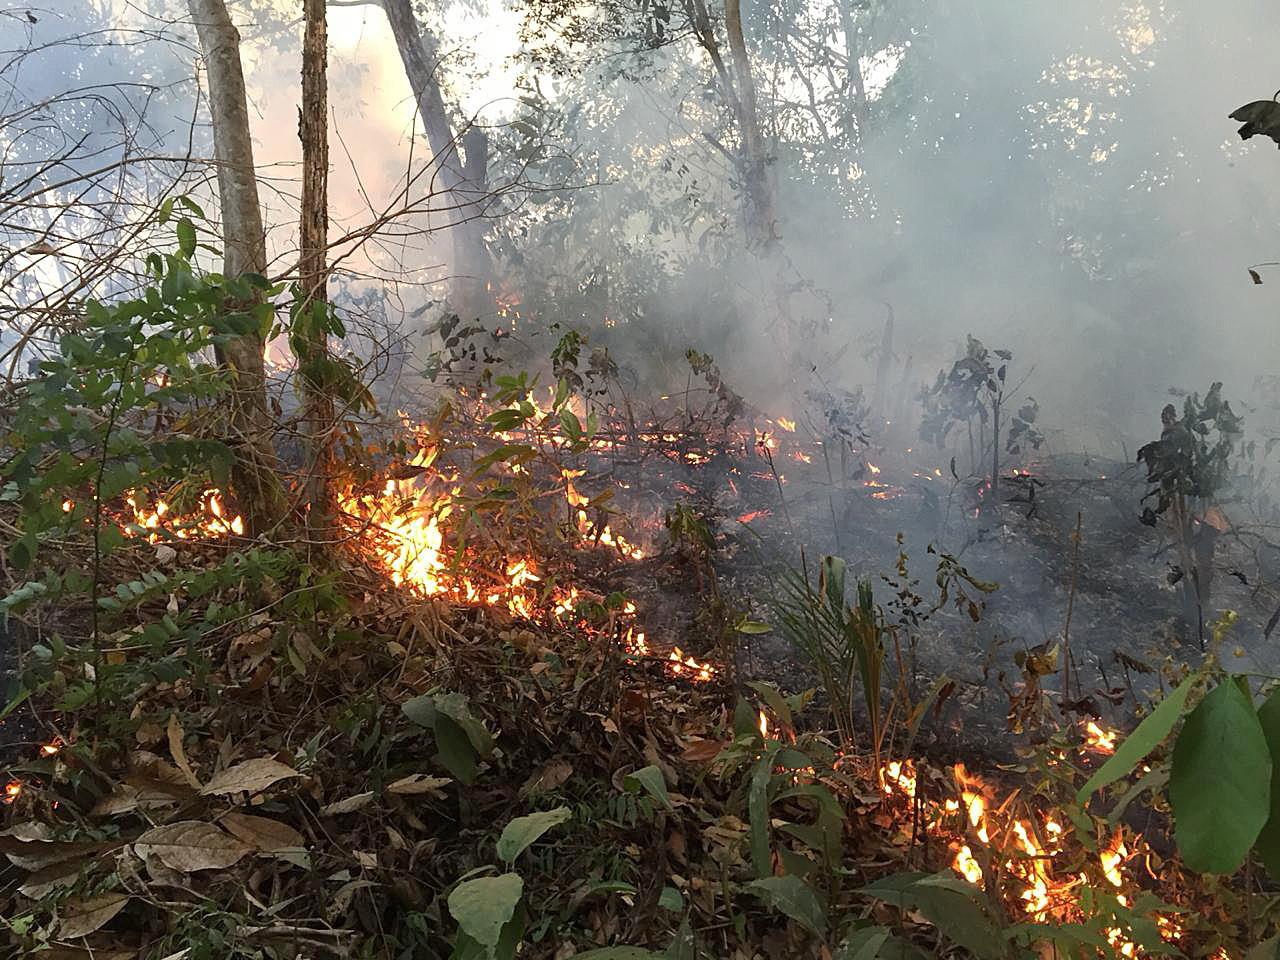 """Forbes: Tot ce s-a spus despre incendiile din Amazon și """"plămânul planetei"""" este greșit"""